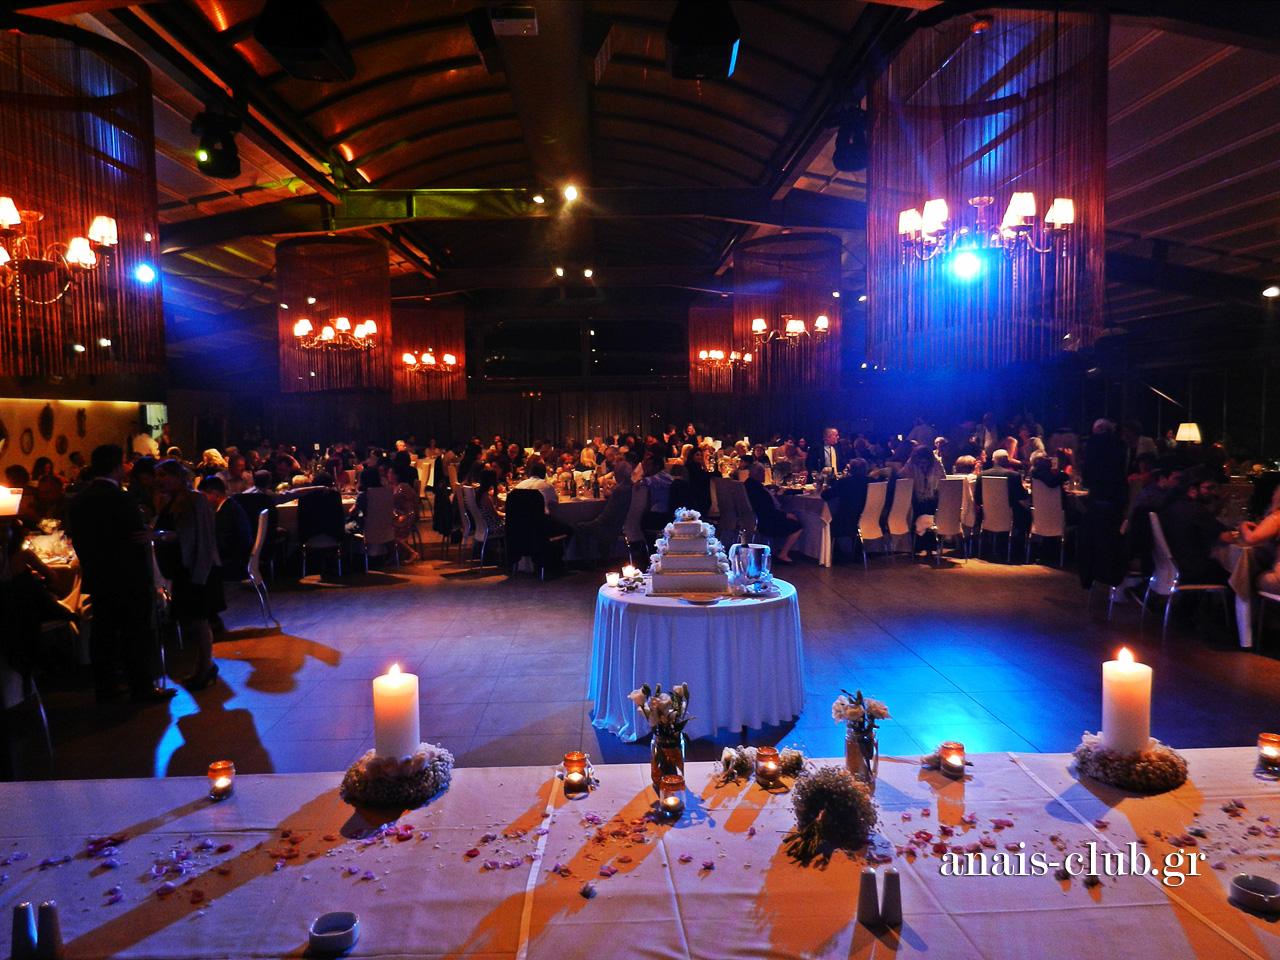 Δεξίωση γάμου στο Anais Club με χρυσές πινελιές